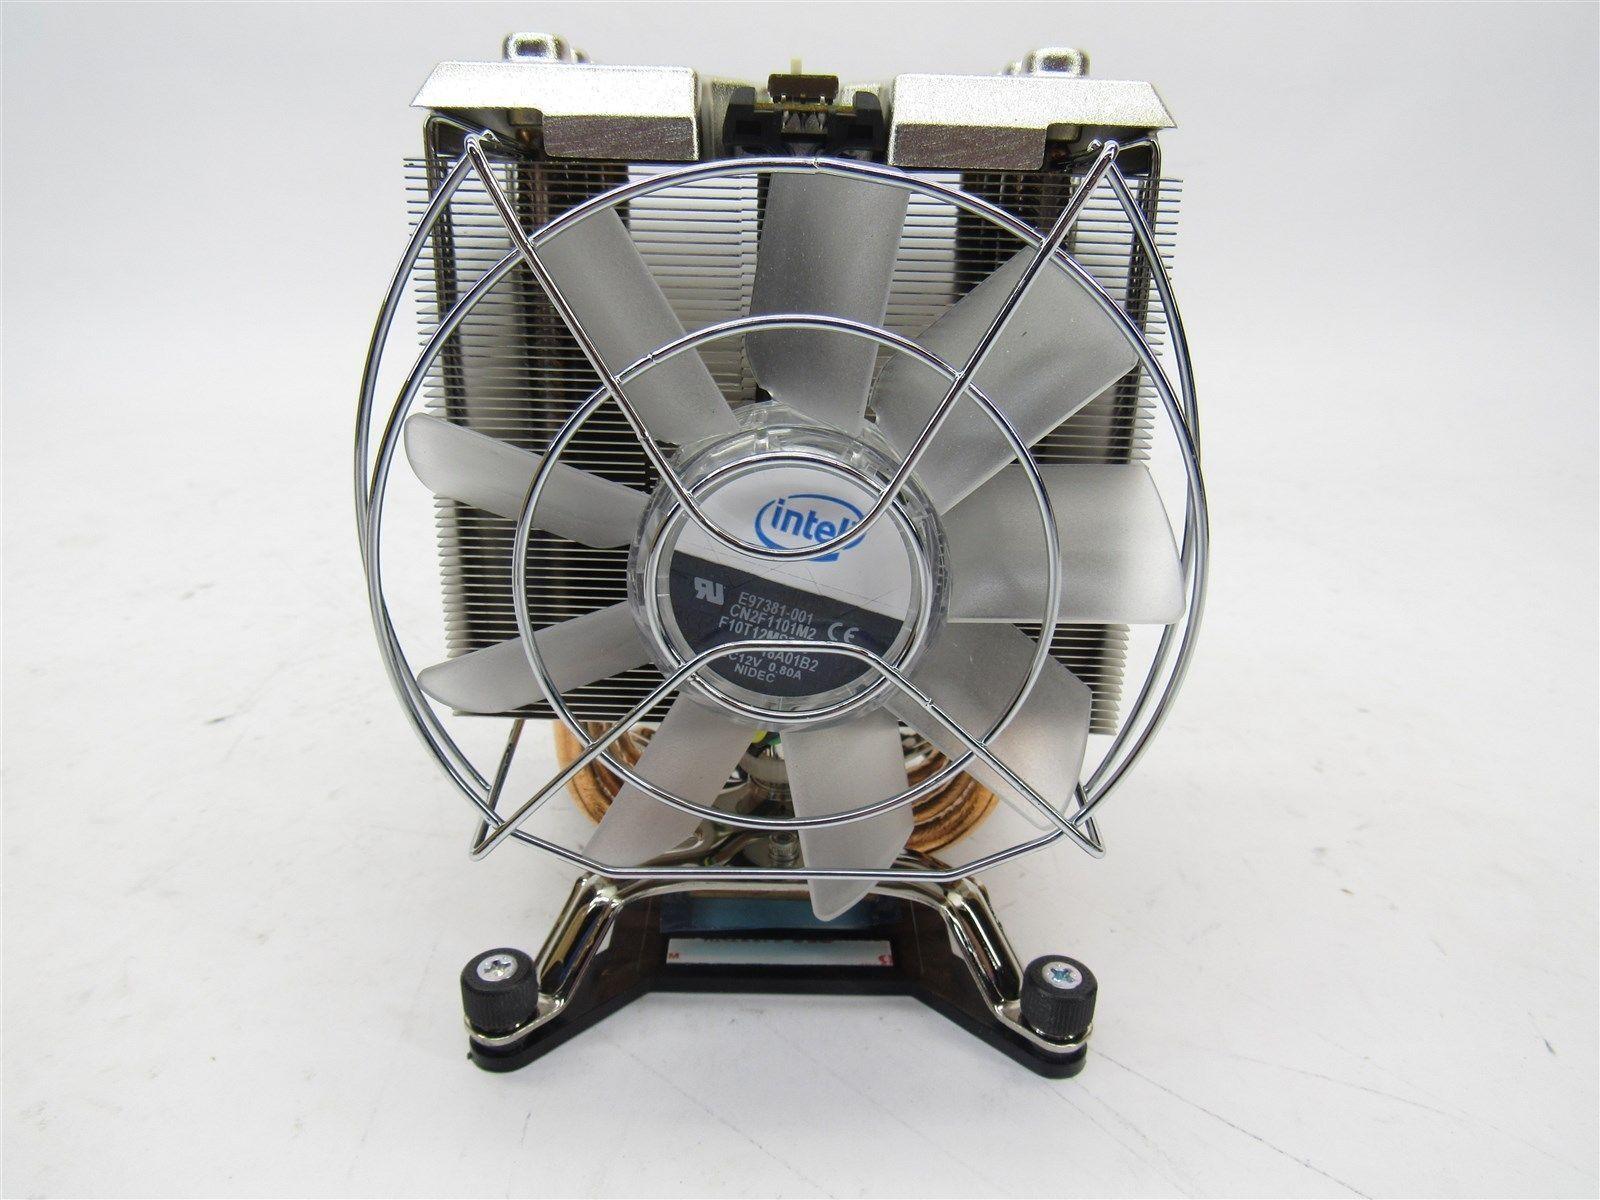 **NEW** Intel Extreme Cooling Fan LGA1366 for i7-990X i7-980X i7-980 i7-970